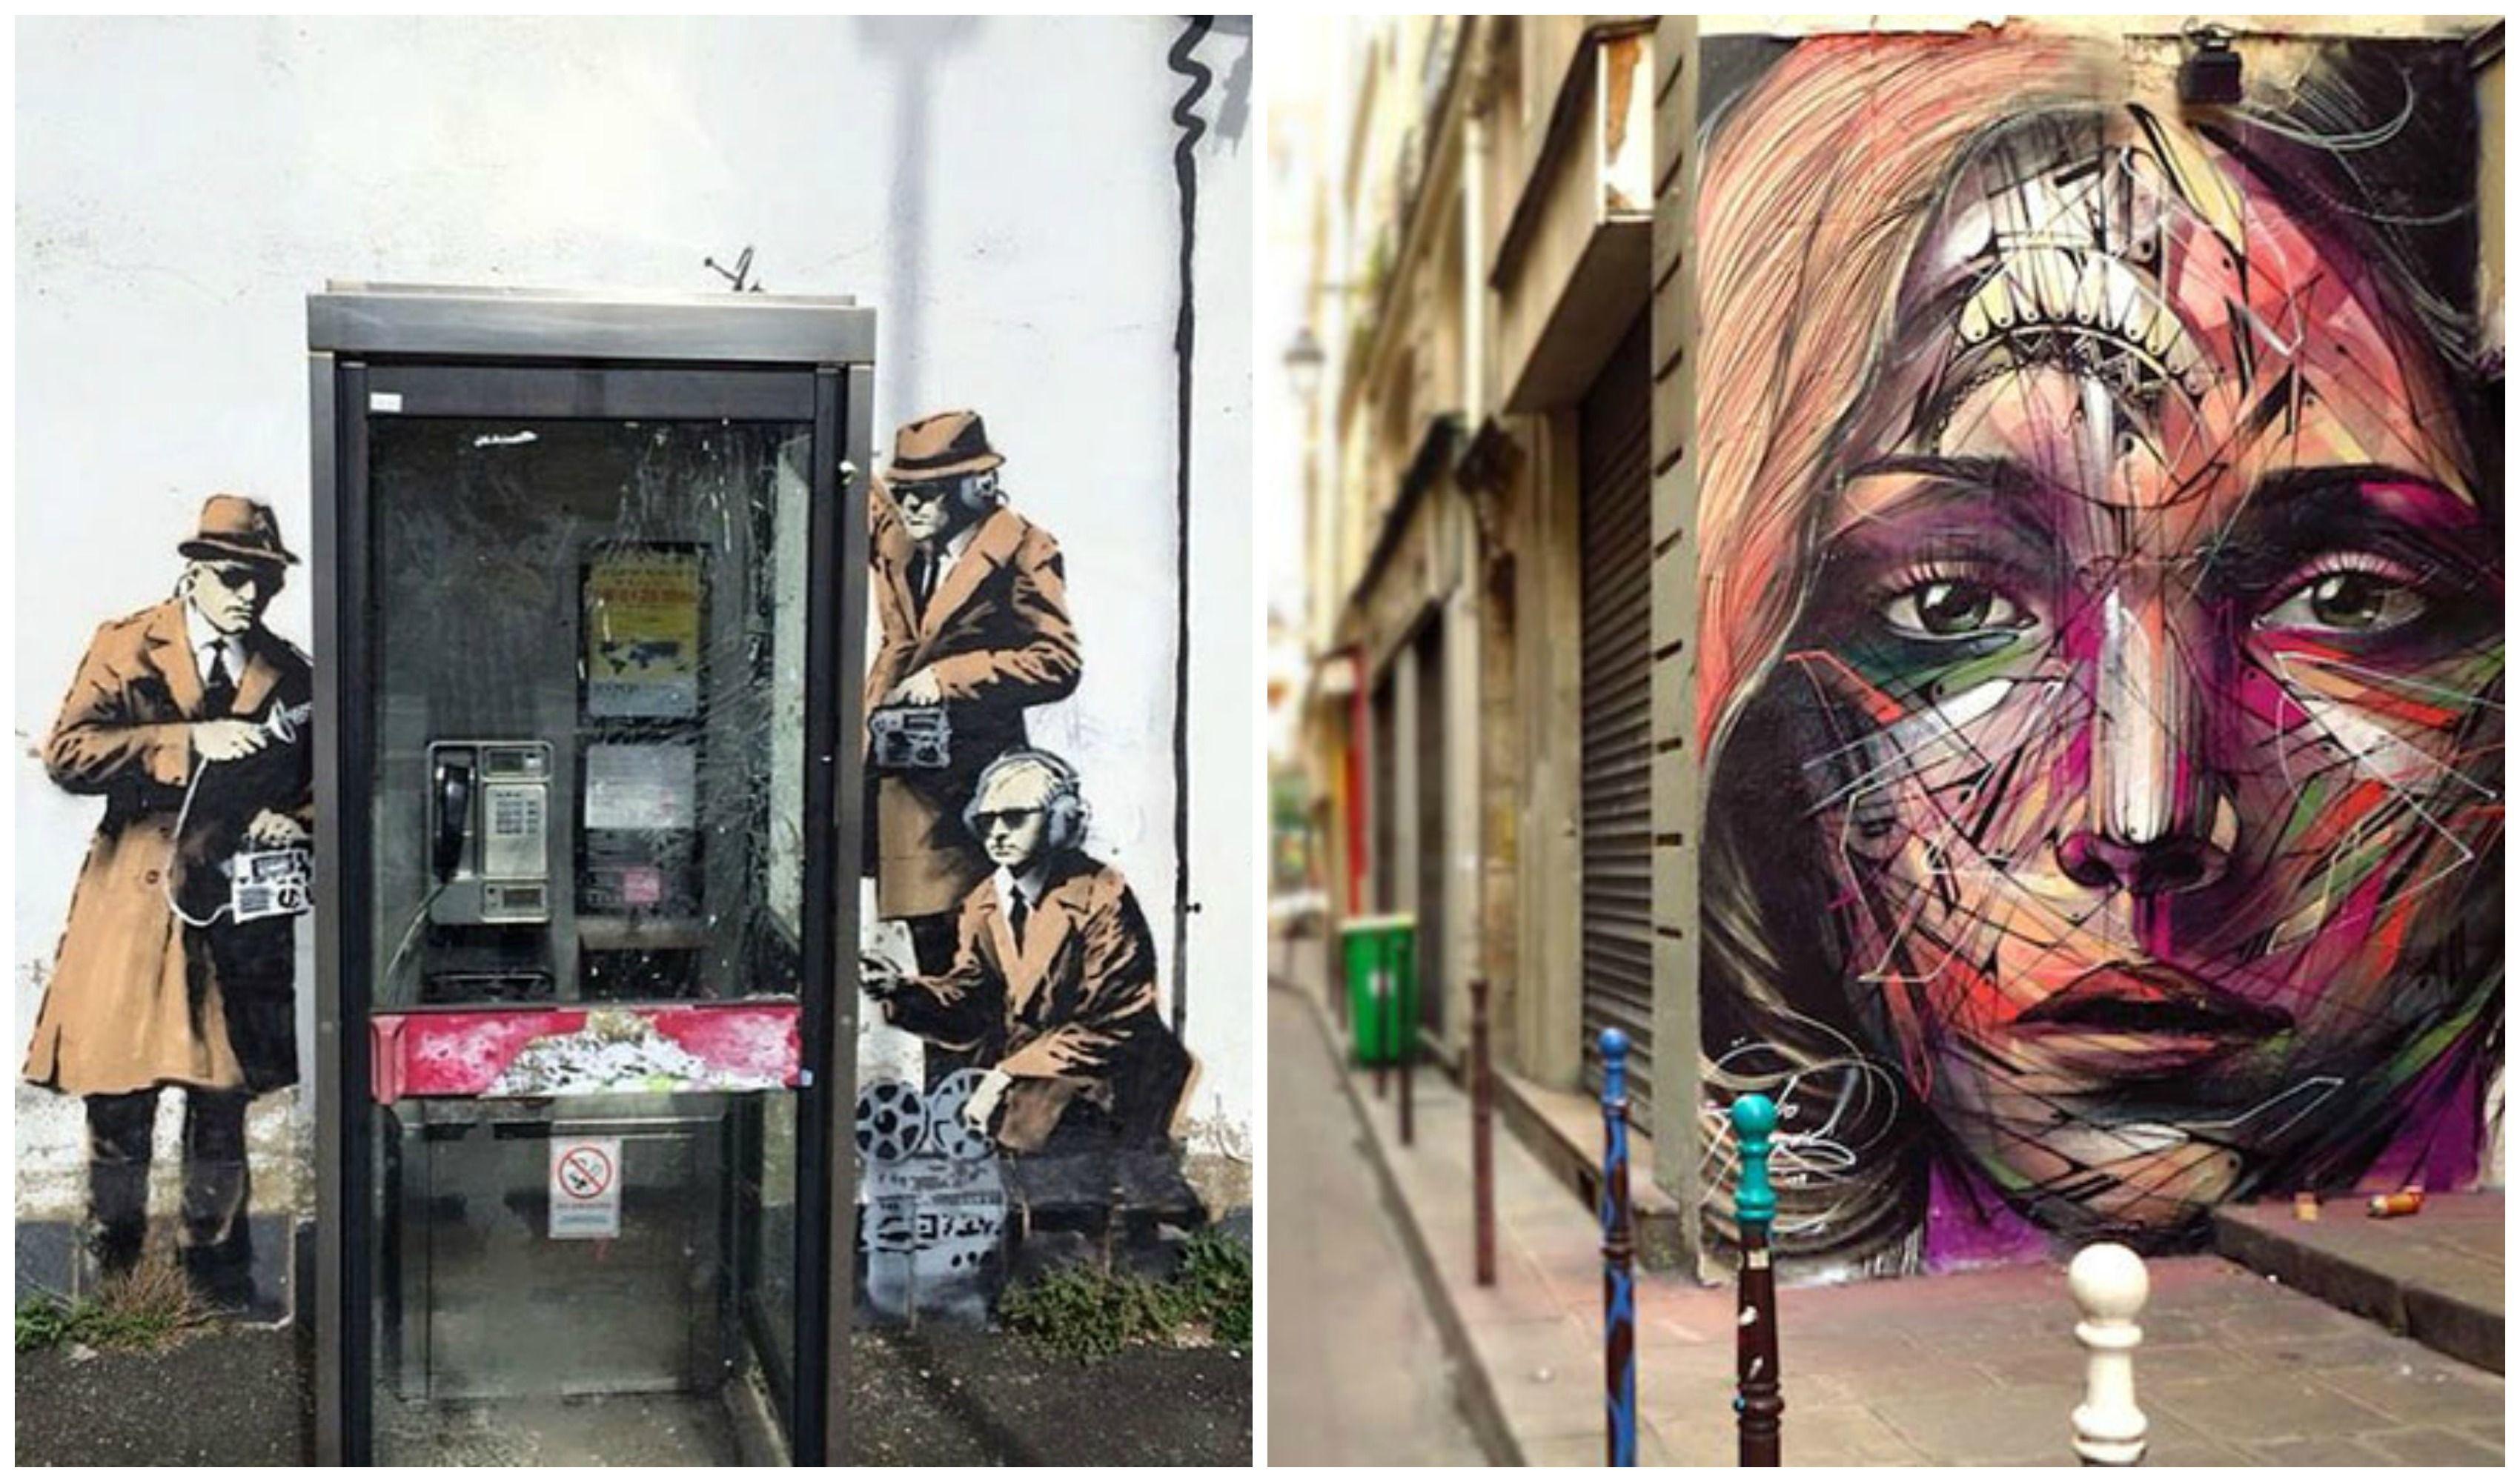 À l'heure où les musées s'emplissent d'oeuvres de plus en plus abstraites voire absolument dégueulasses, l'art trouve une nouvelle voix dans les murs de nos villes. En 2014, le street art a continué à